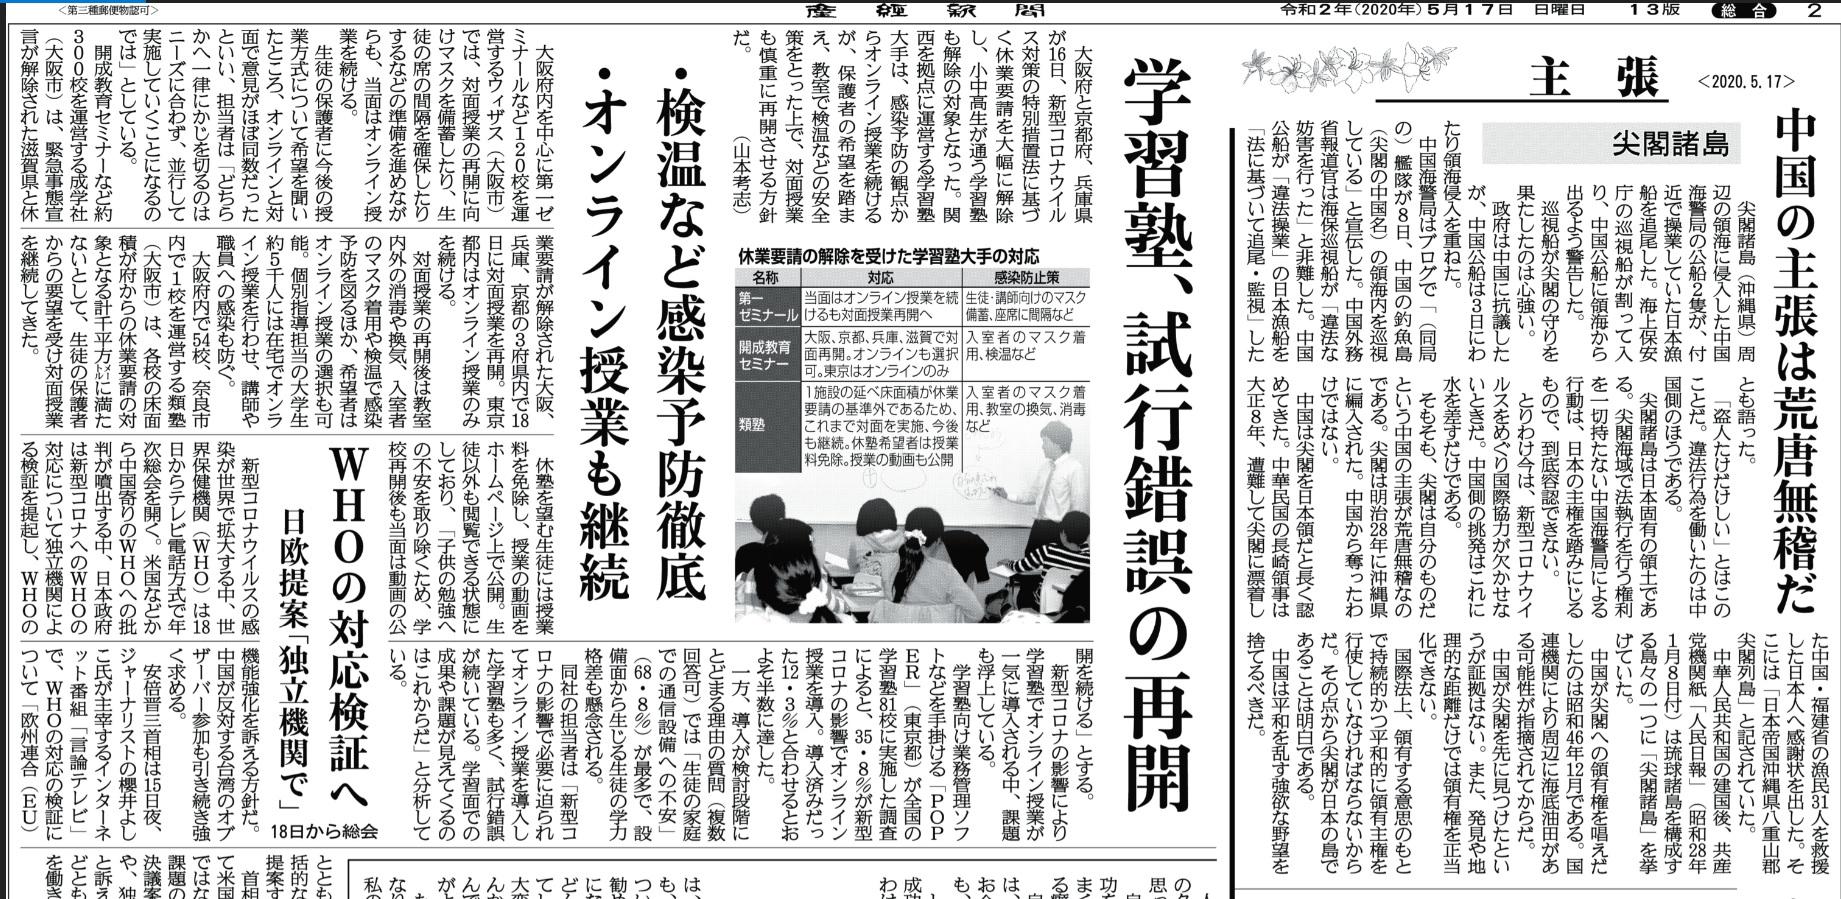 ニュース 産経 新聞